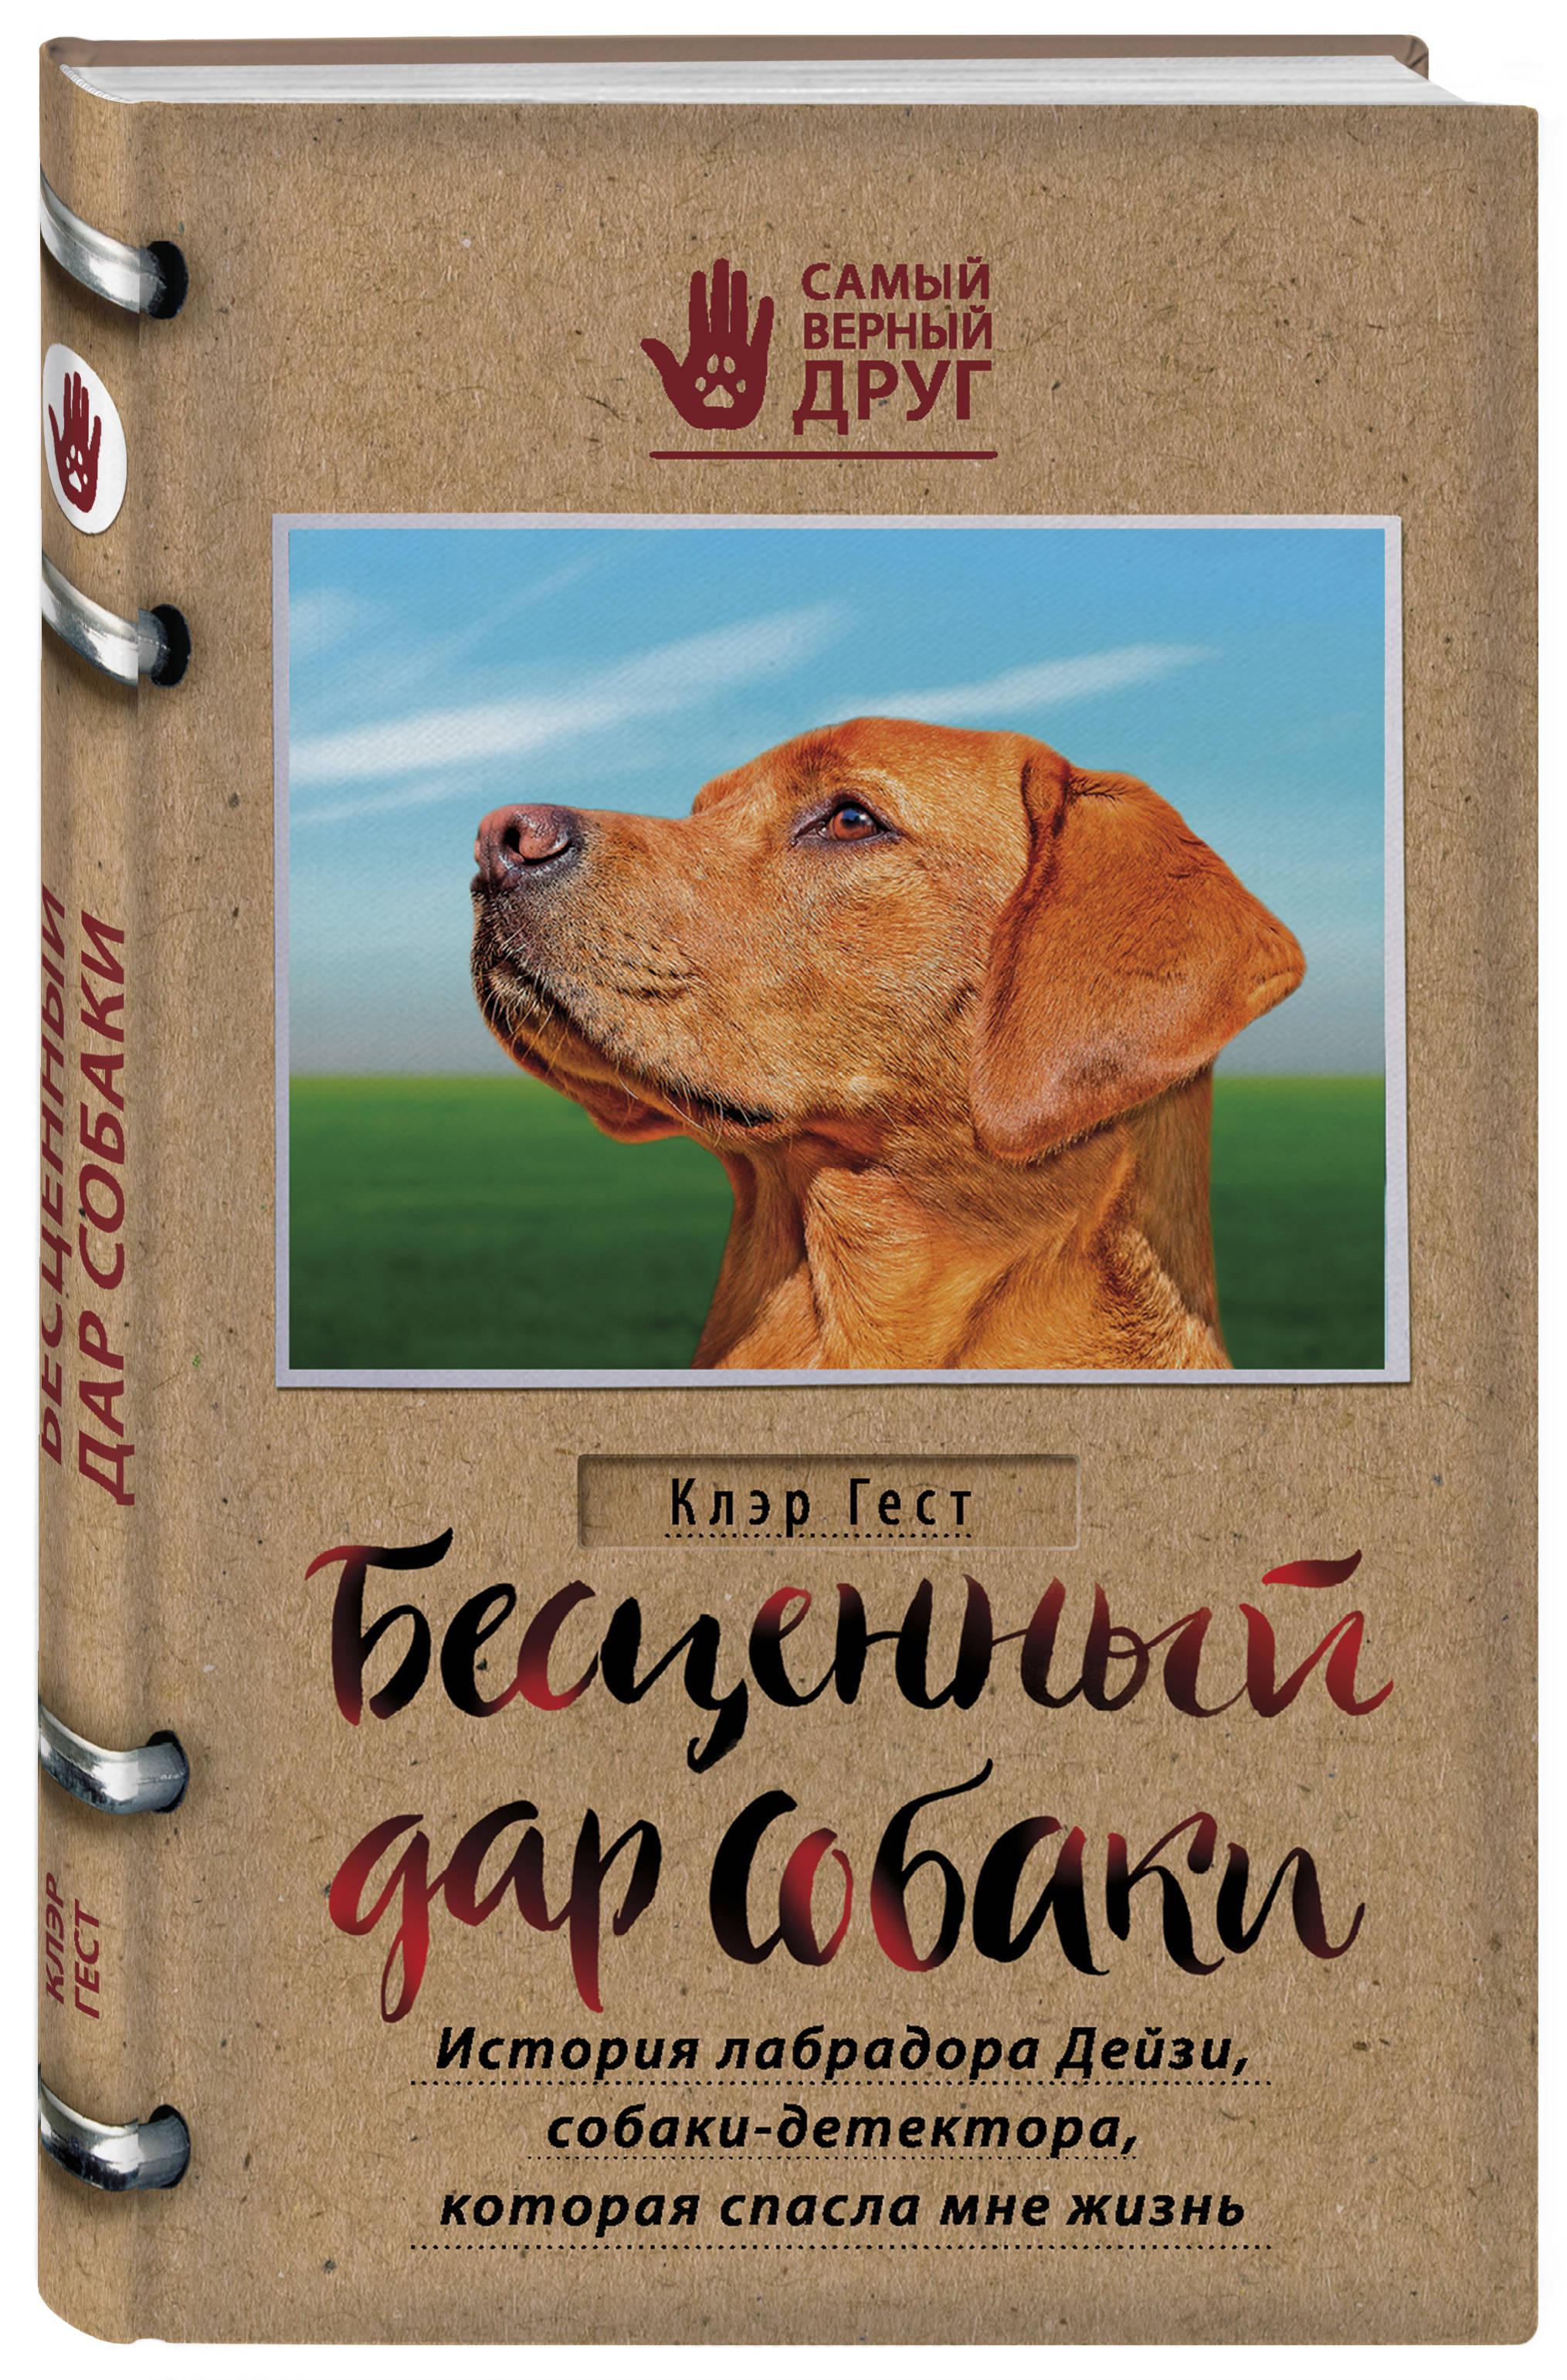 Гест К. Бесценный дар собаки. История лабрадора Дейзи, собаки-детектора, которая спасла мне жизнь